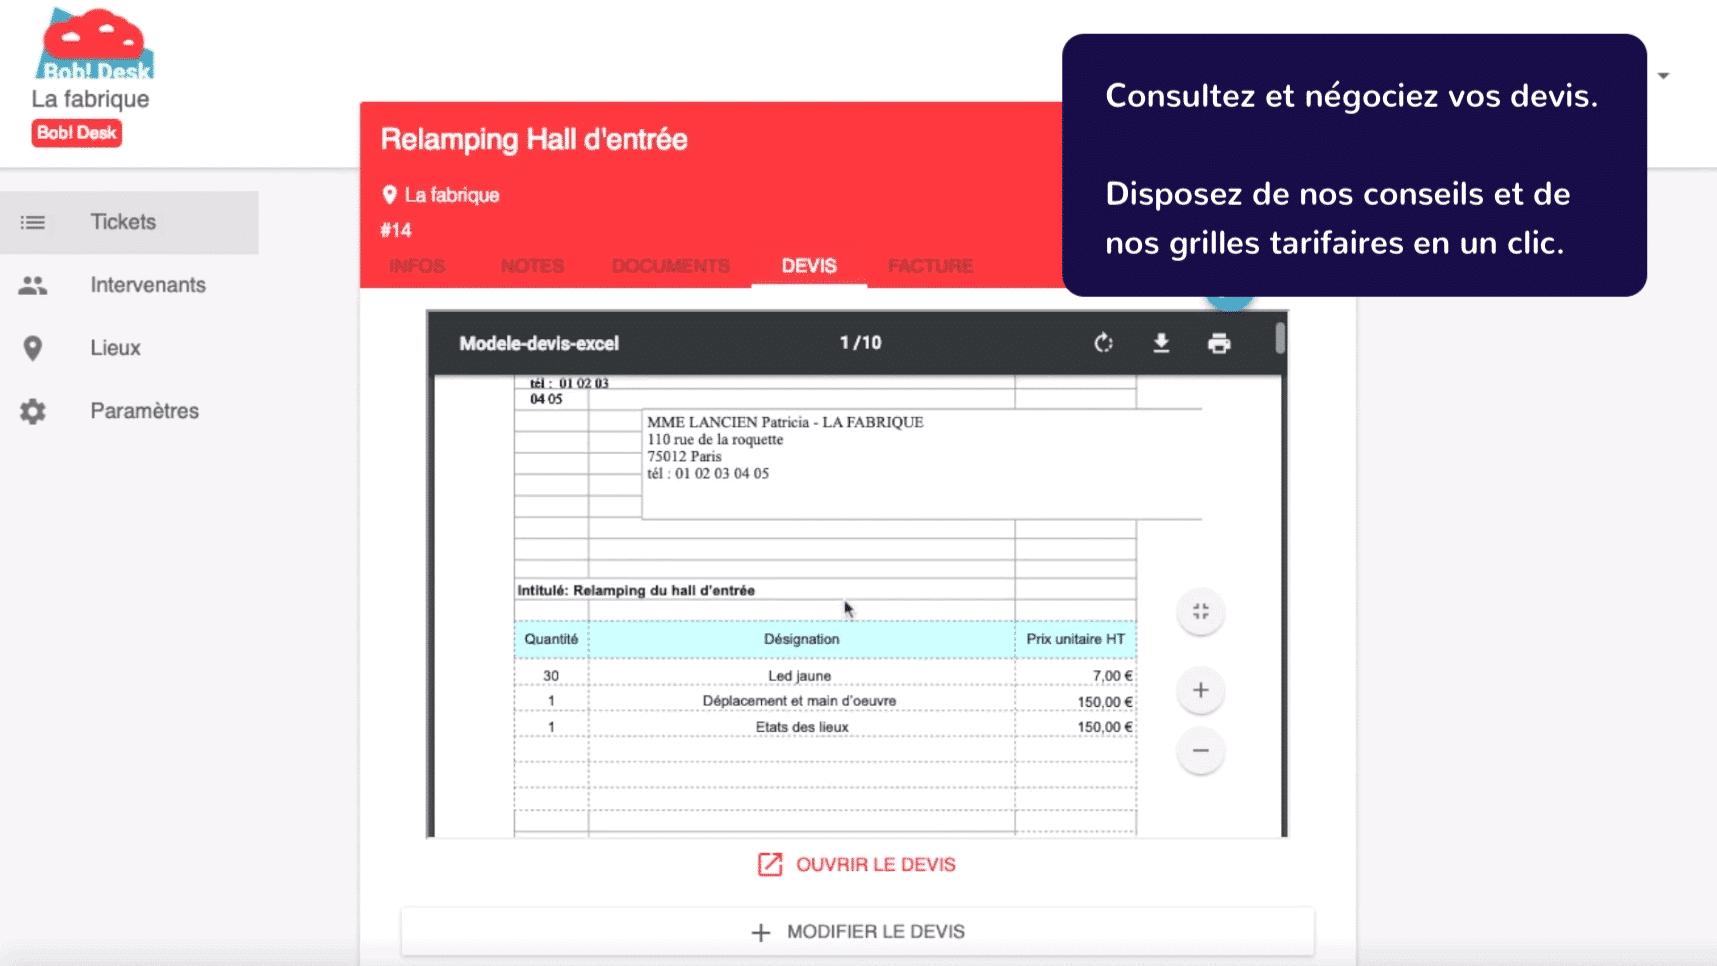 Logiciel de maintenance Bob! Desk - recrutement sur mesure d'artisans qualifiés pour votre intervention - copie d'écran